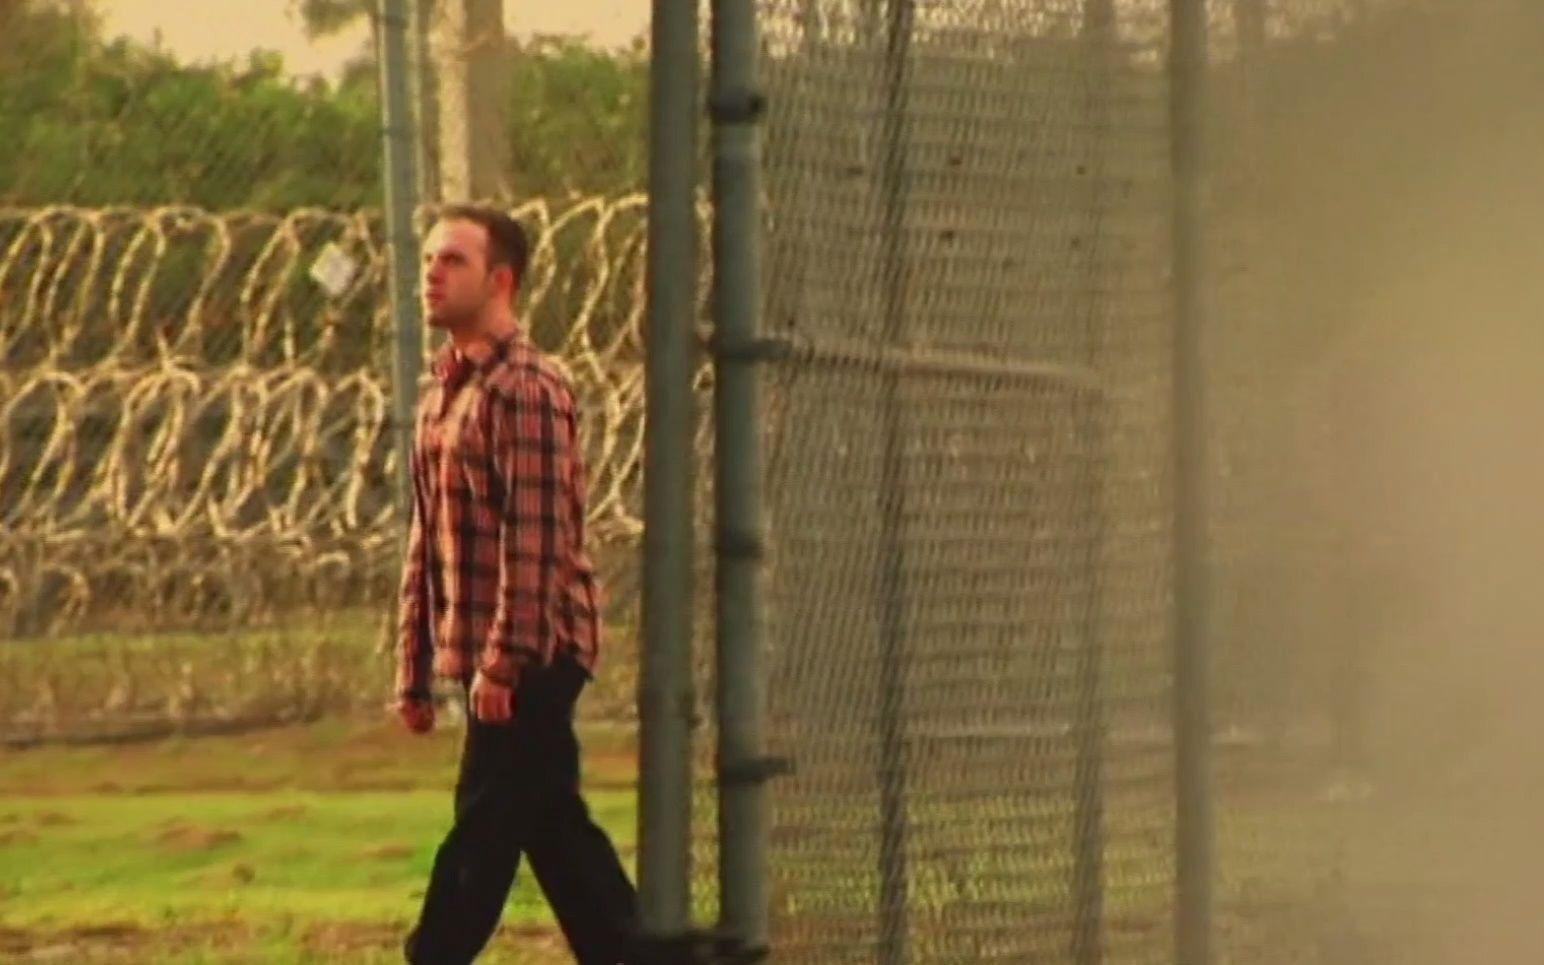 真实越狱事件,成功出逃,住陌生人家里20天,竟然没有被发现!纪录片